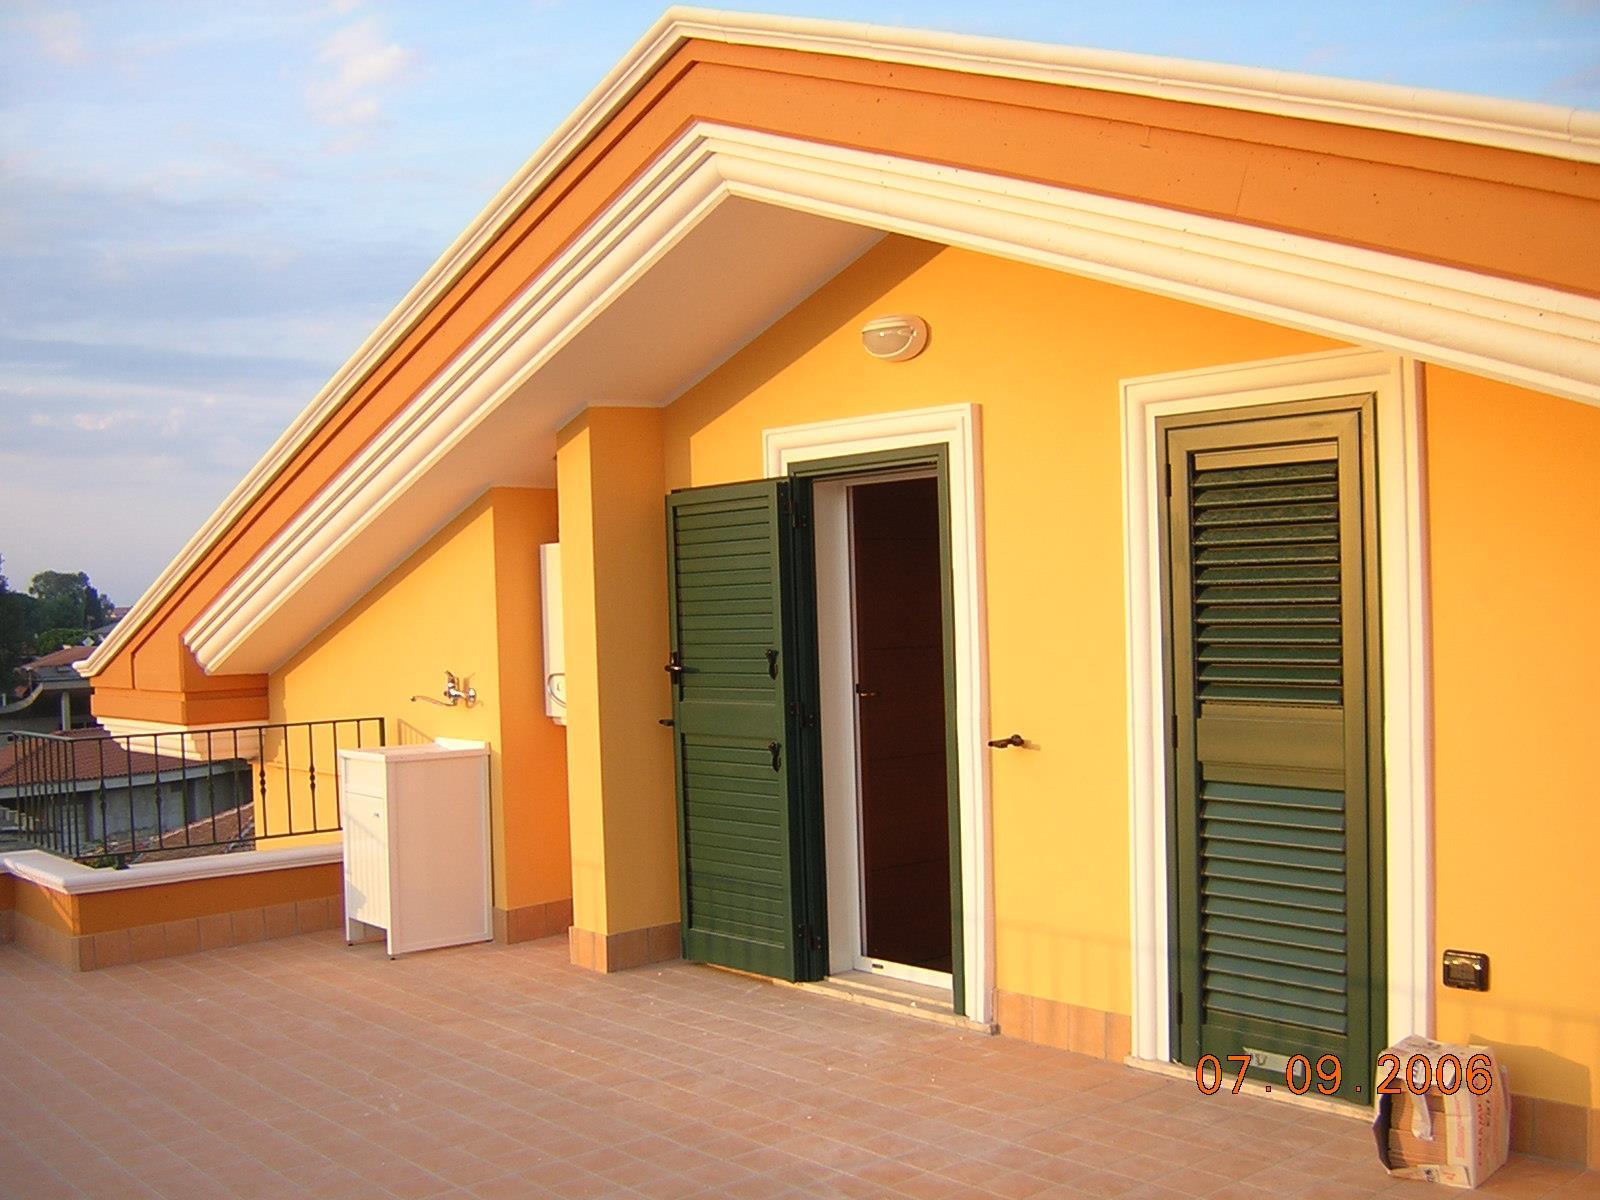 Case in vendita e affitto da privati tortoreto annunci for Case in vendita privati